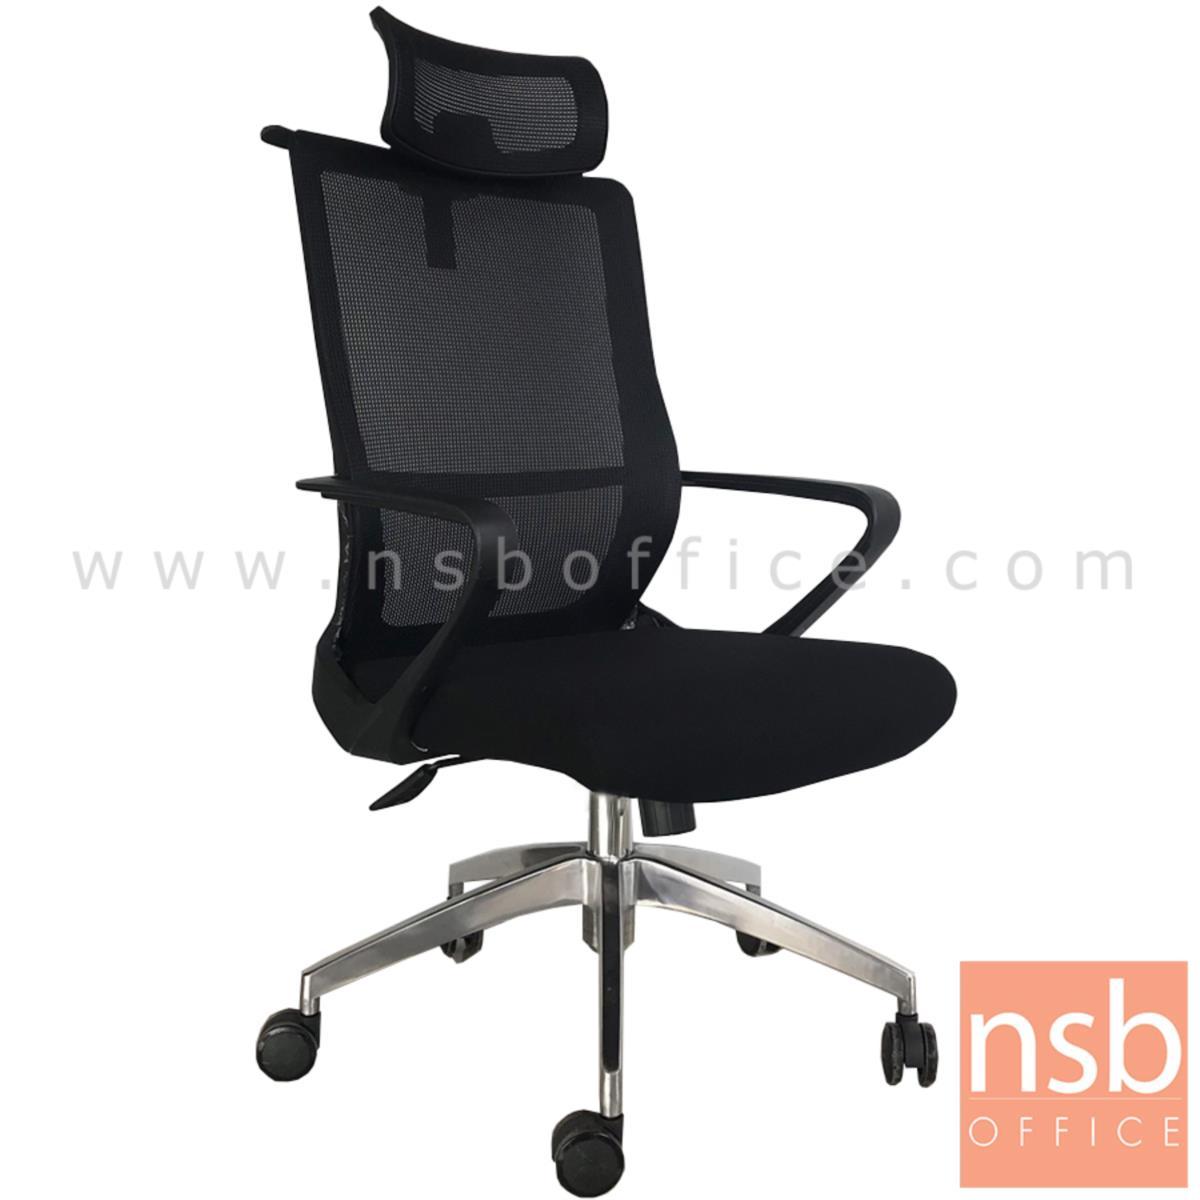 B28A106:เก้าอี้ผู้บริหารหลังเน็ต รุ่น Barrington (แบริงตัน)  ขาเหล็กชุบโครเมี่ยม